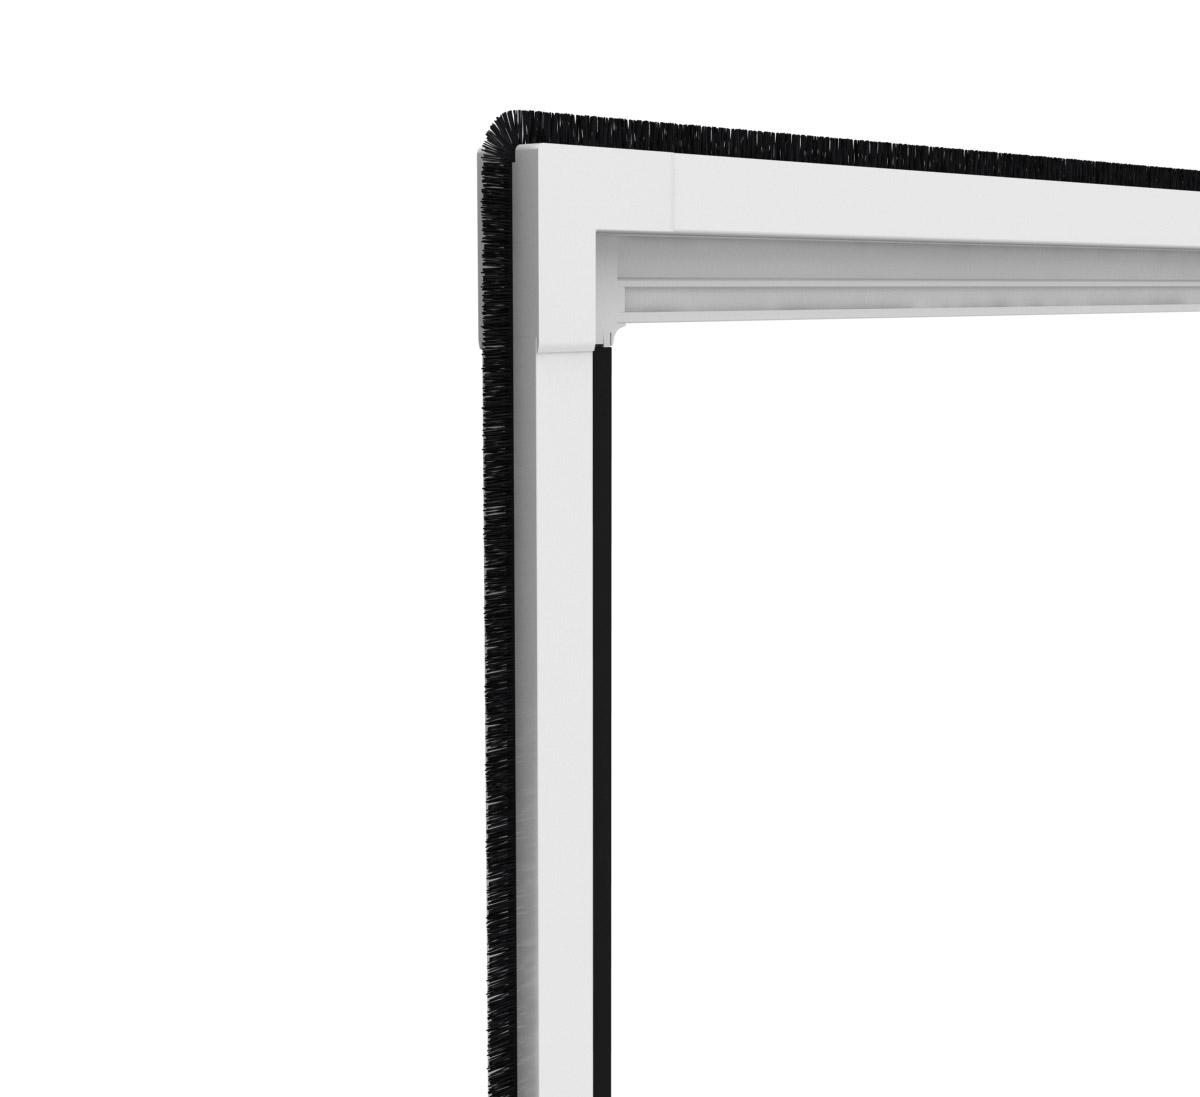 easy life insektenschutz alu t r xl 120 x 240 cm klemmmontage proline wohnen haushalt. Black Bedroom Furniture Sets. Home Design Ideas